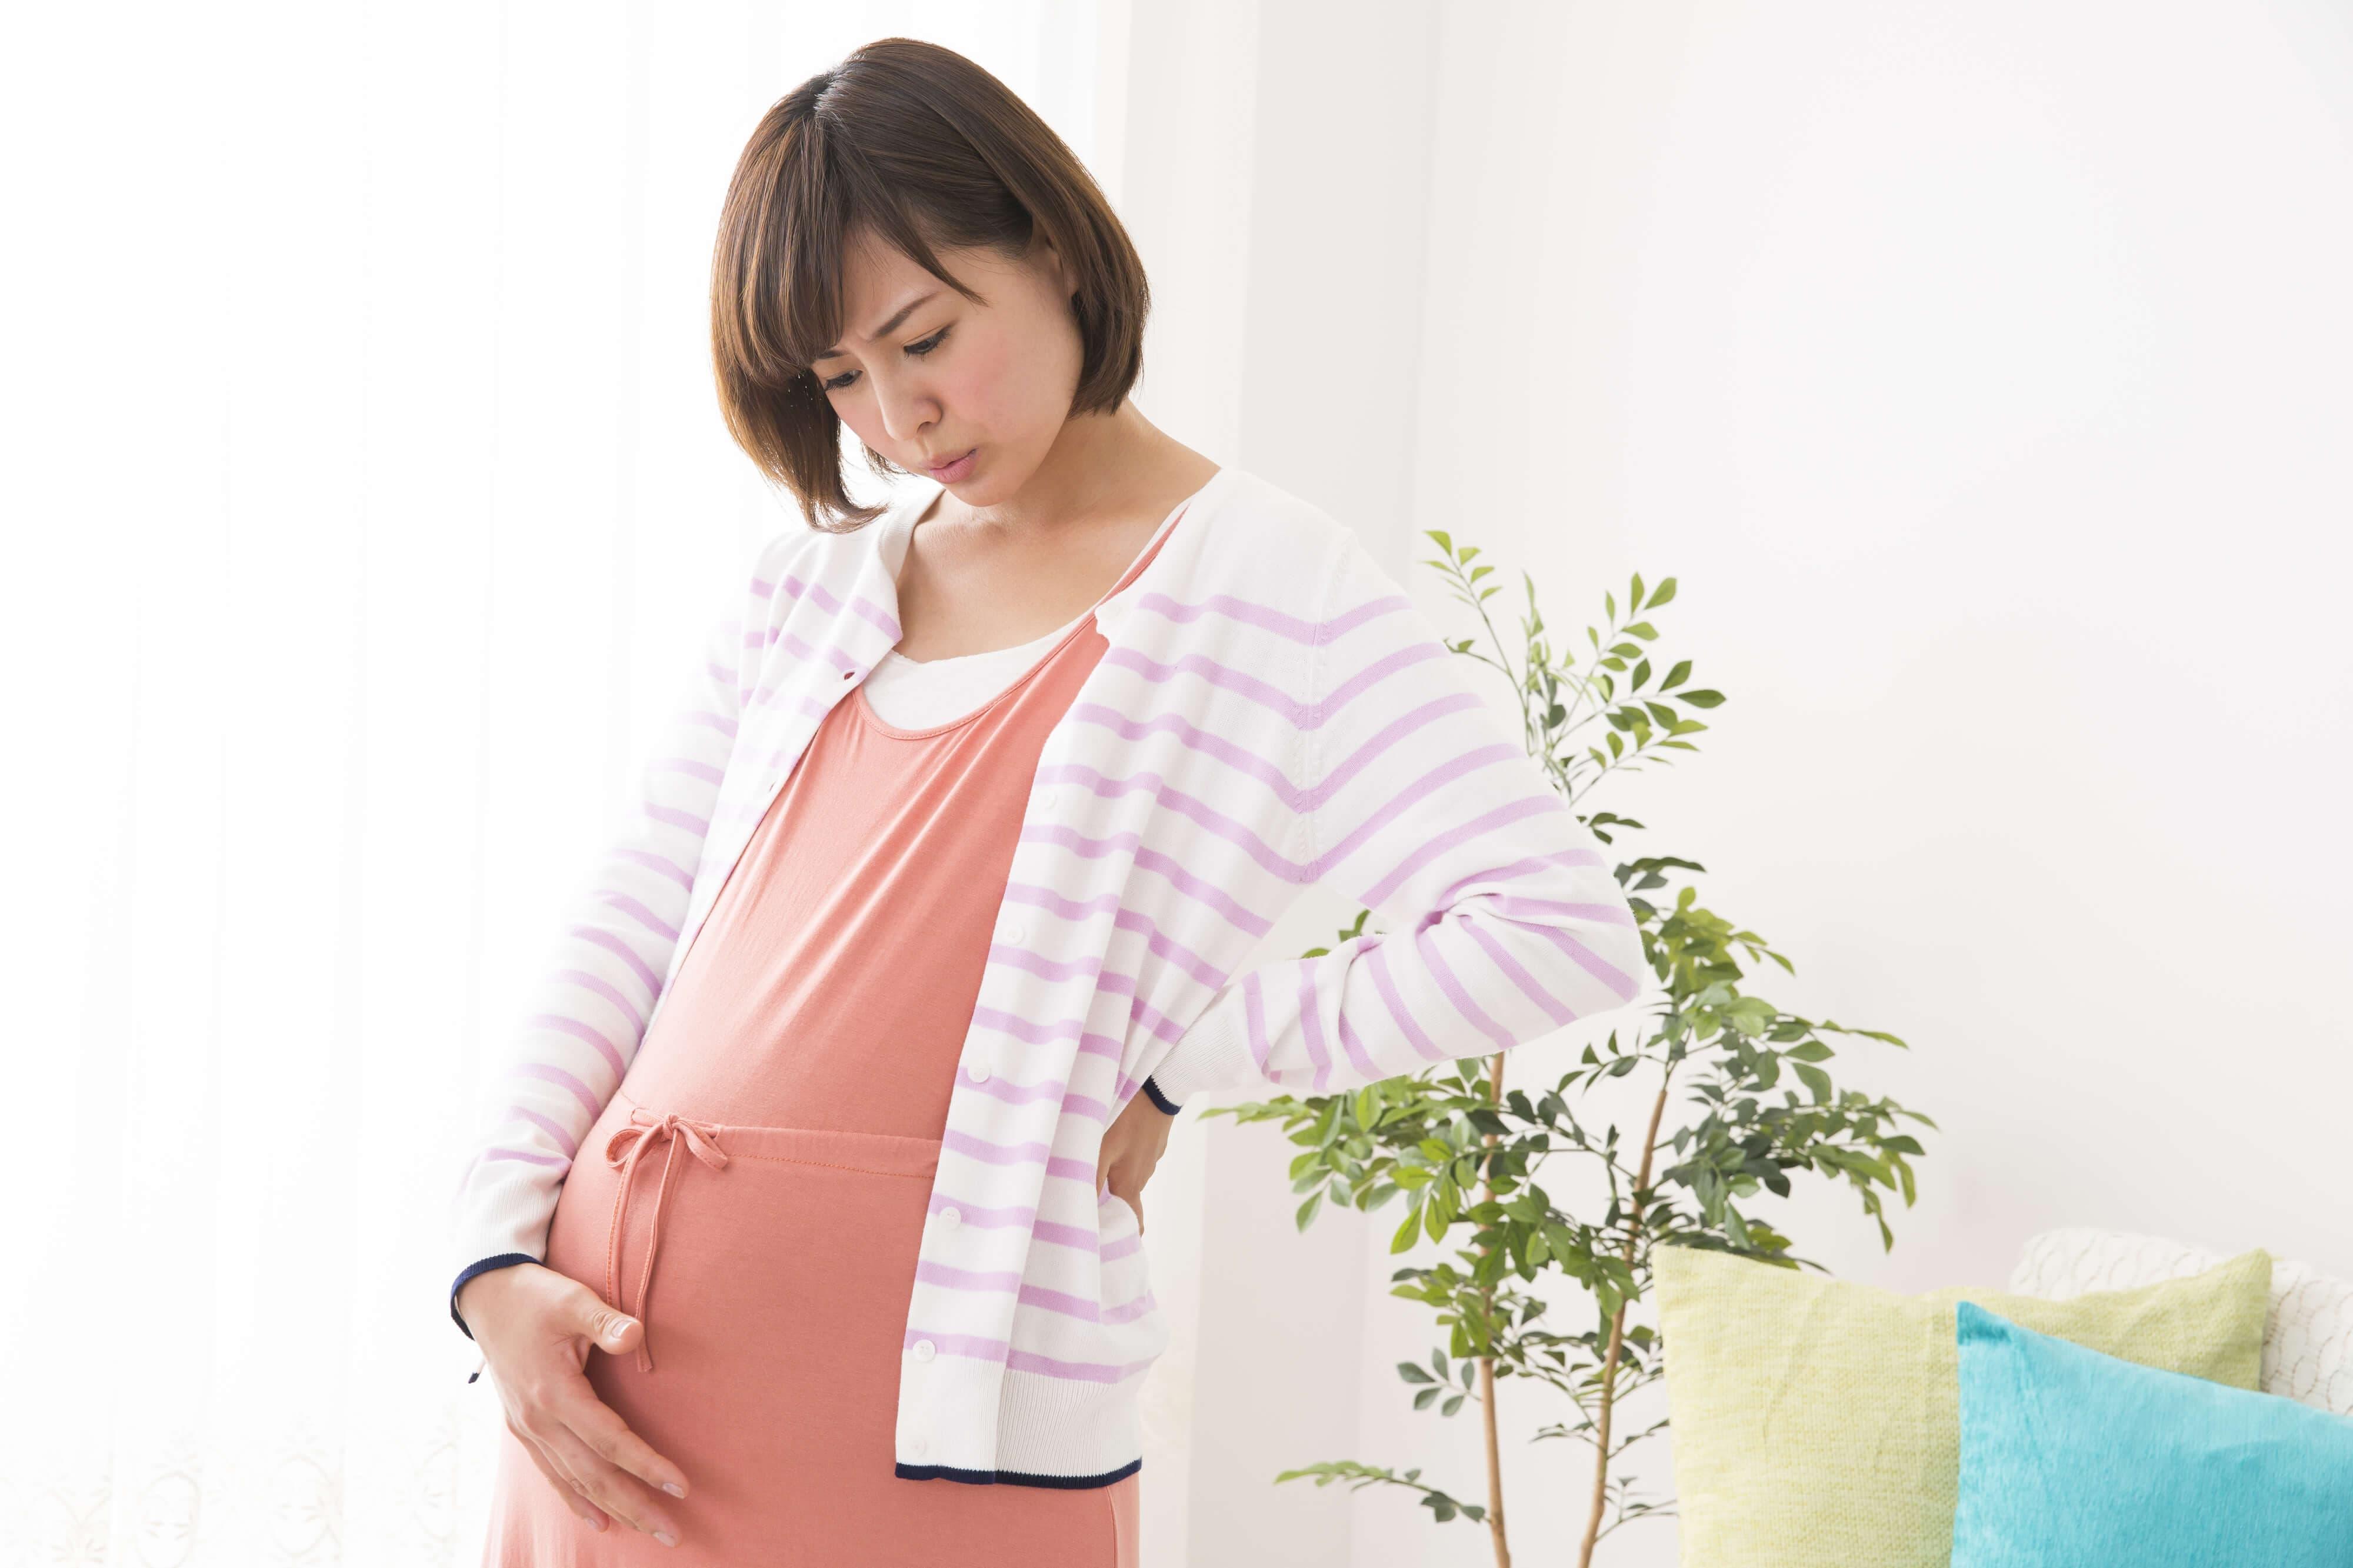 大きいおなかが原因!妊娠中の体形変化でおこる、四つの困ったこと